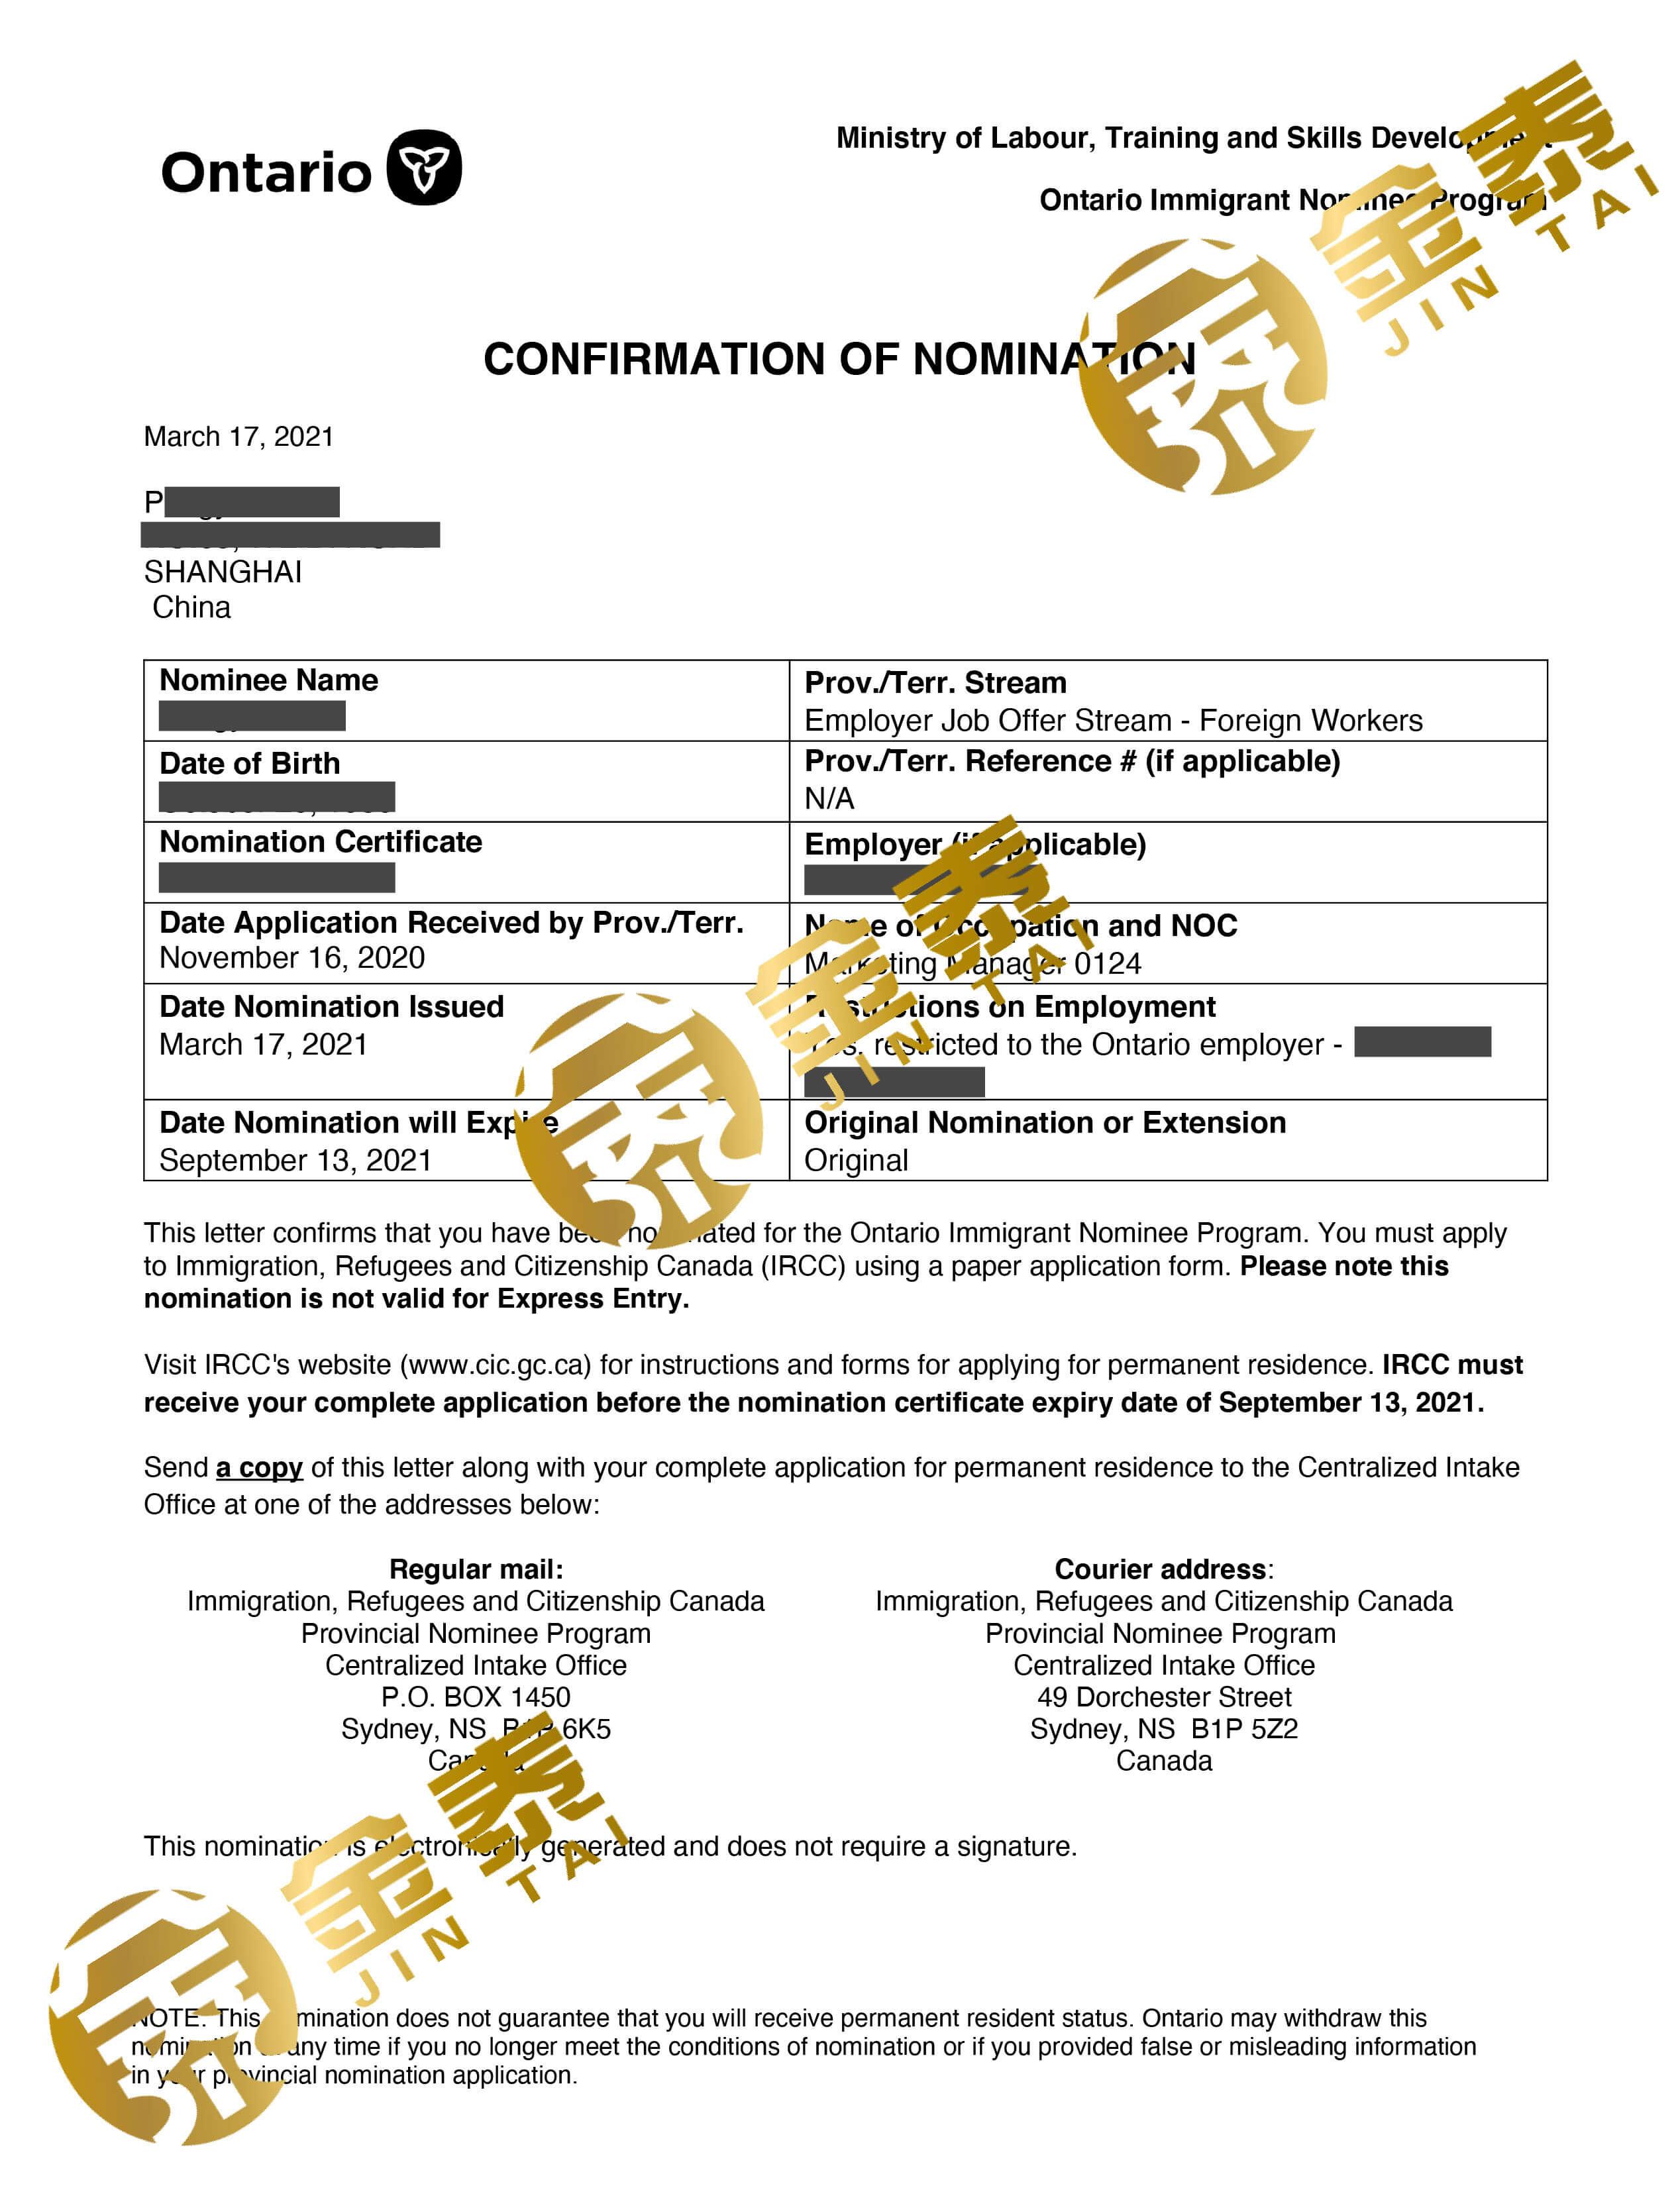 金泰加拿大移民 安省无雅思雇主担保 NOC 0124